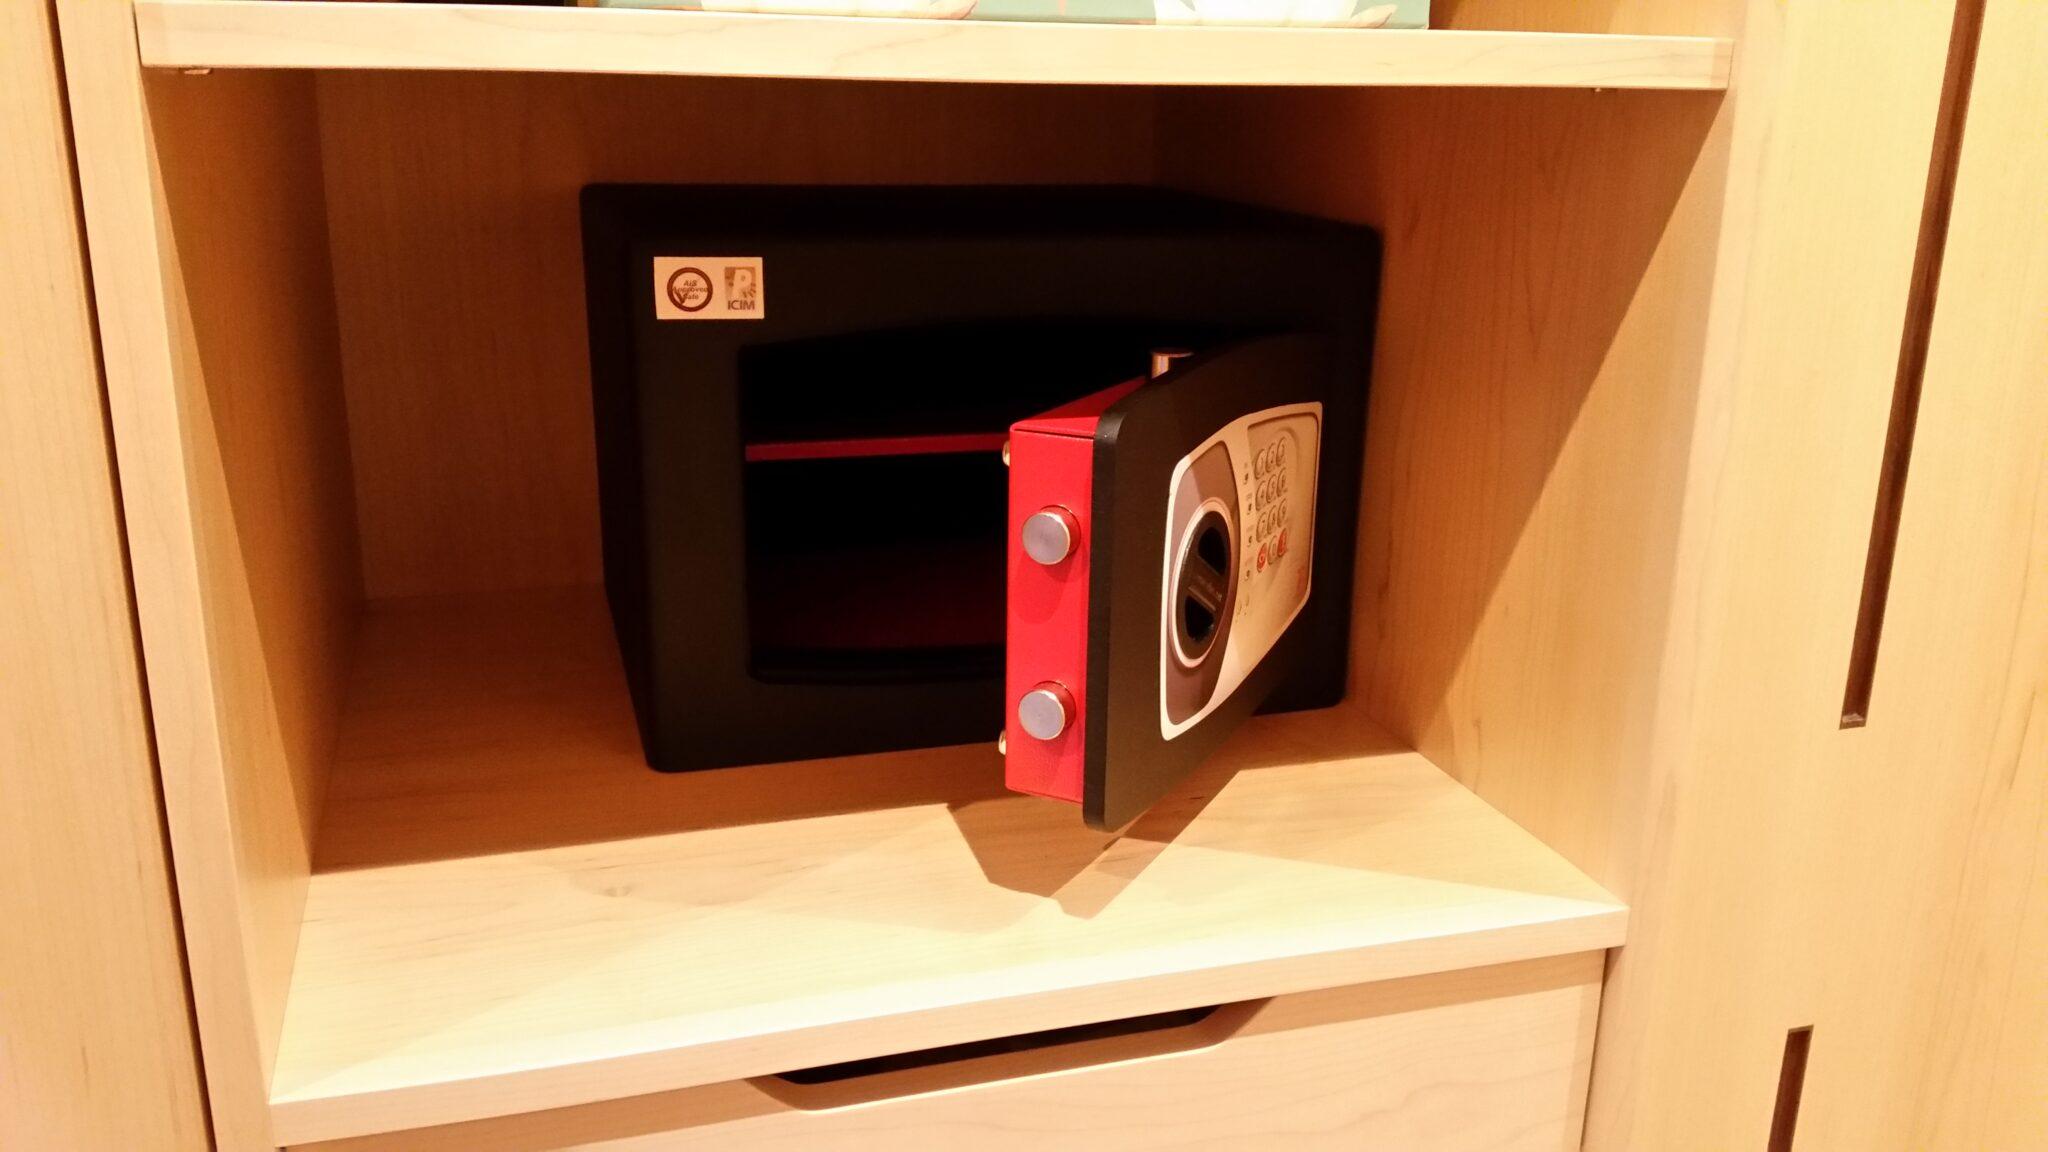 Bloomsbury Size 2 Digital Safe